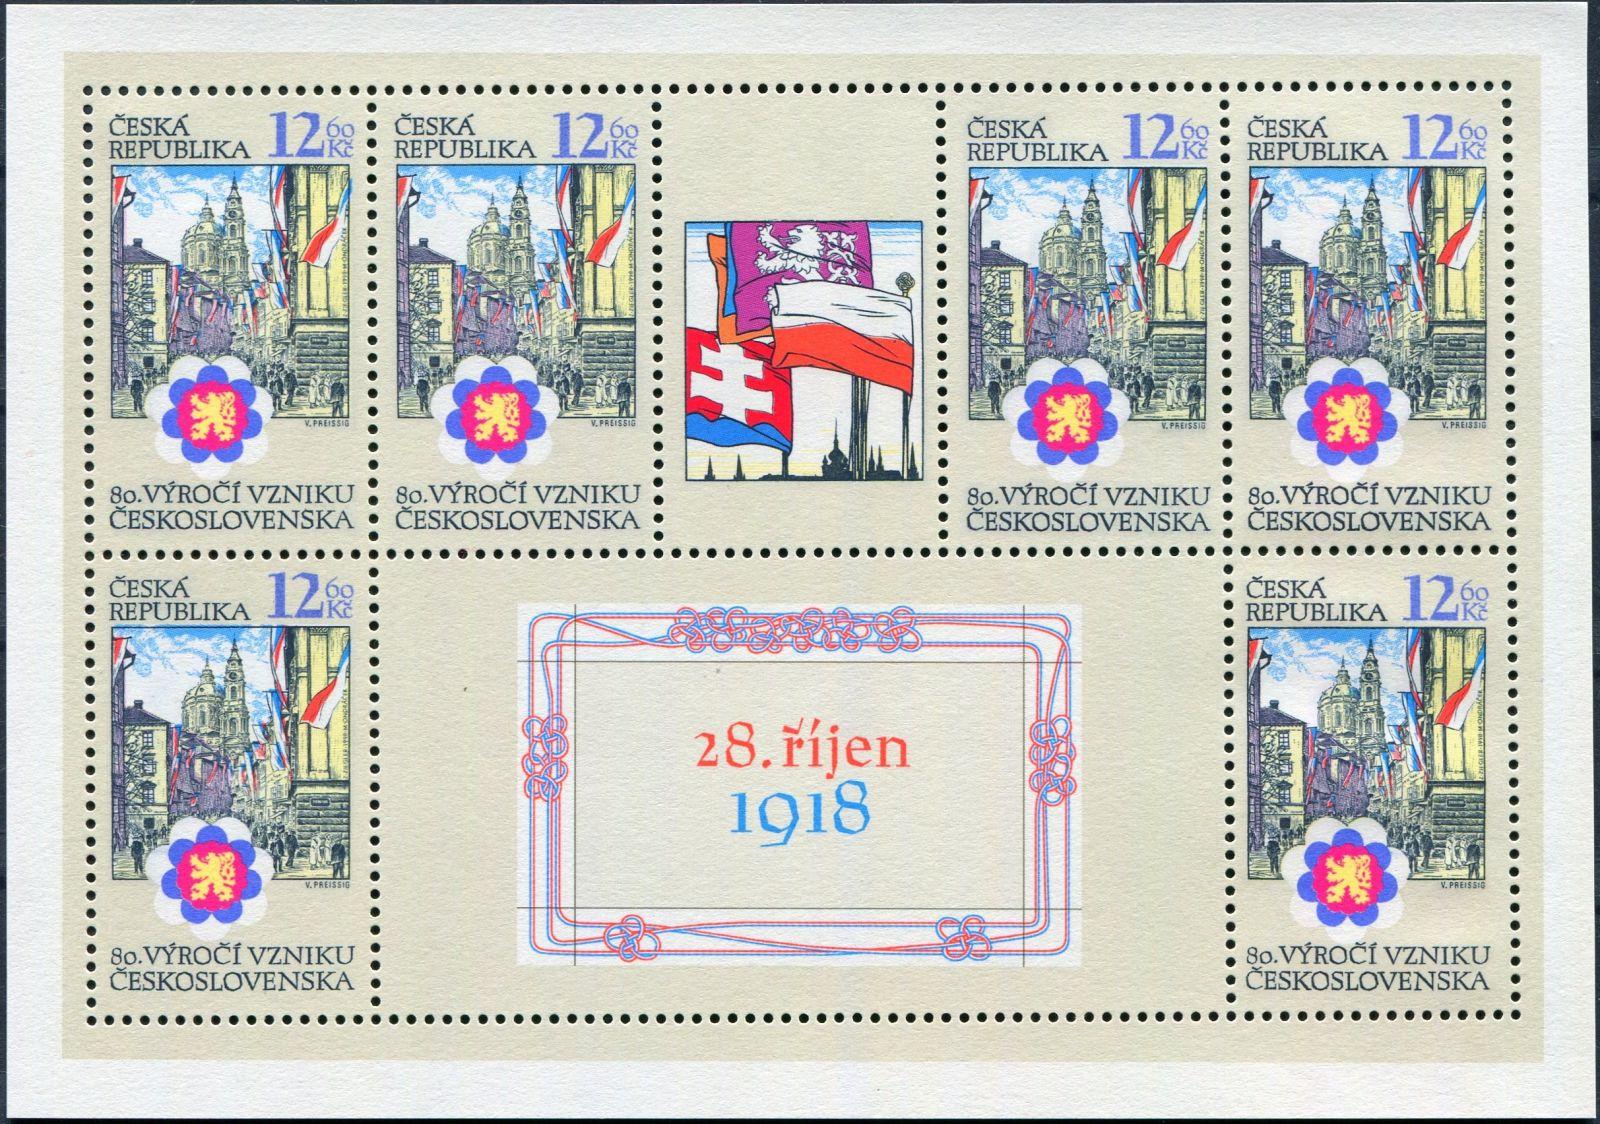 (1998) PL 197 ** (opr. deska) - 12,60 Kč - ČR - 80. výročí vzniku Československa